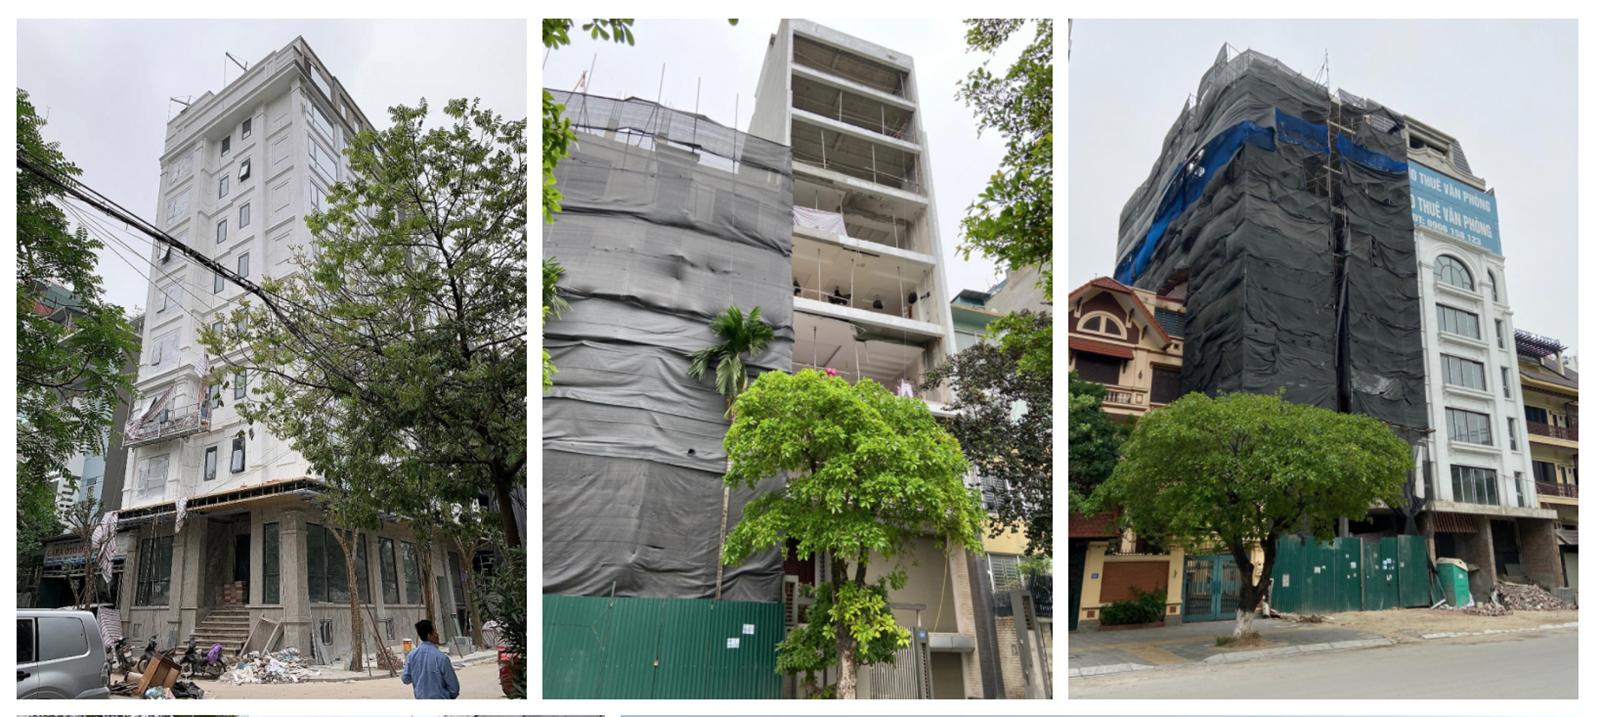 Bài học về quản lý TTXD tại Hà Nội rút ra từ hàng loạt sai phạm ở quận Cầu Giấy